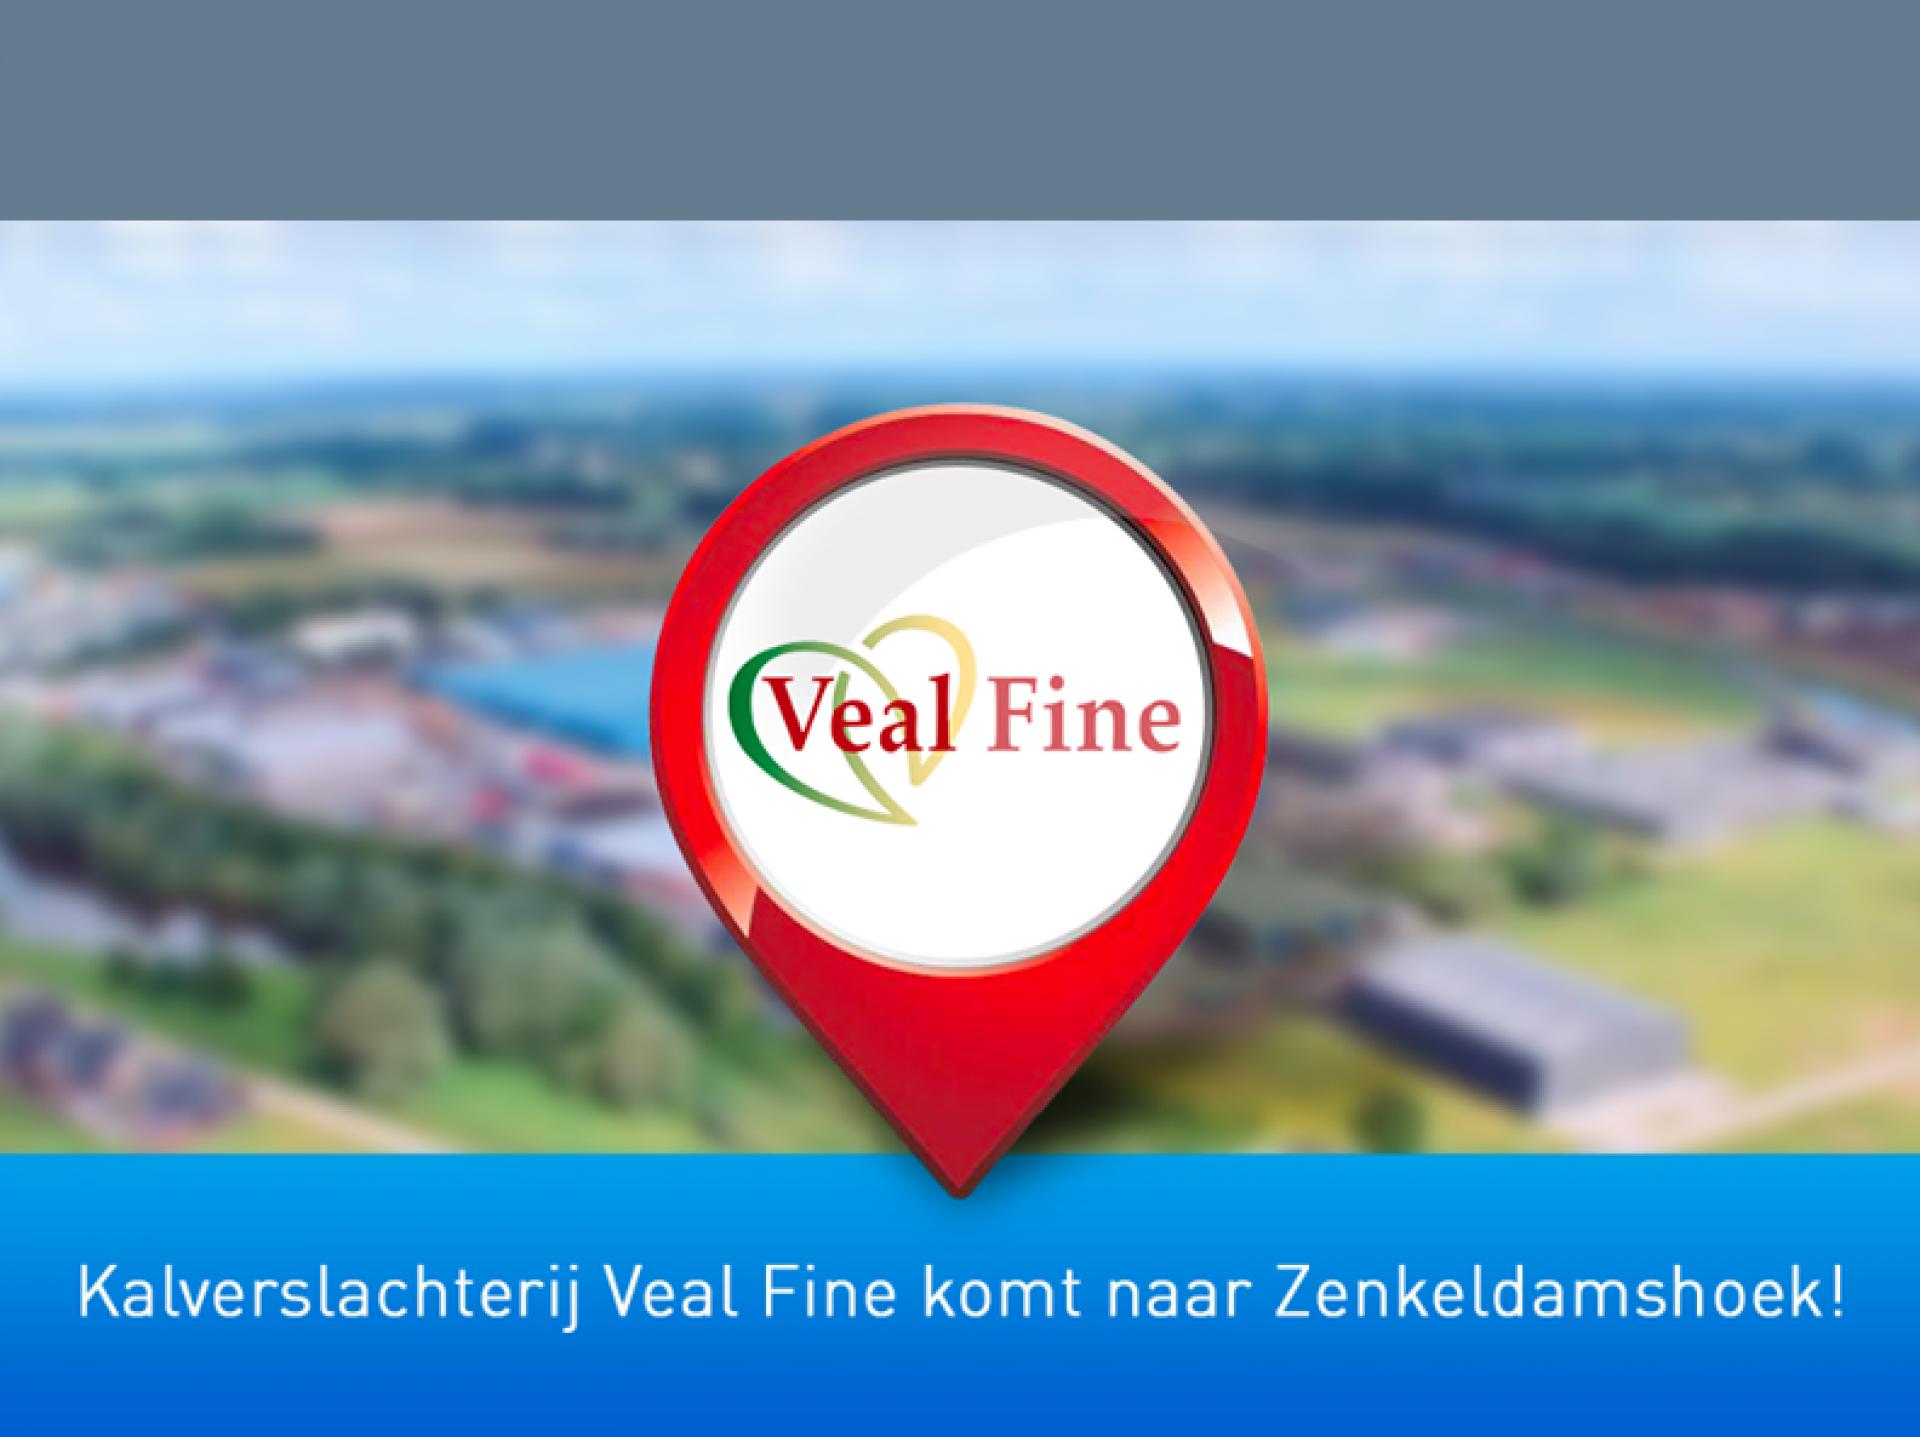 Kalveruitsnijderij Veal Fine verhuist naar Zenkeldamshoek